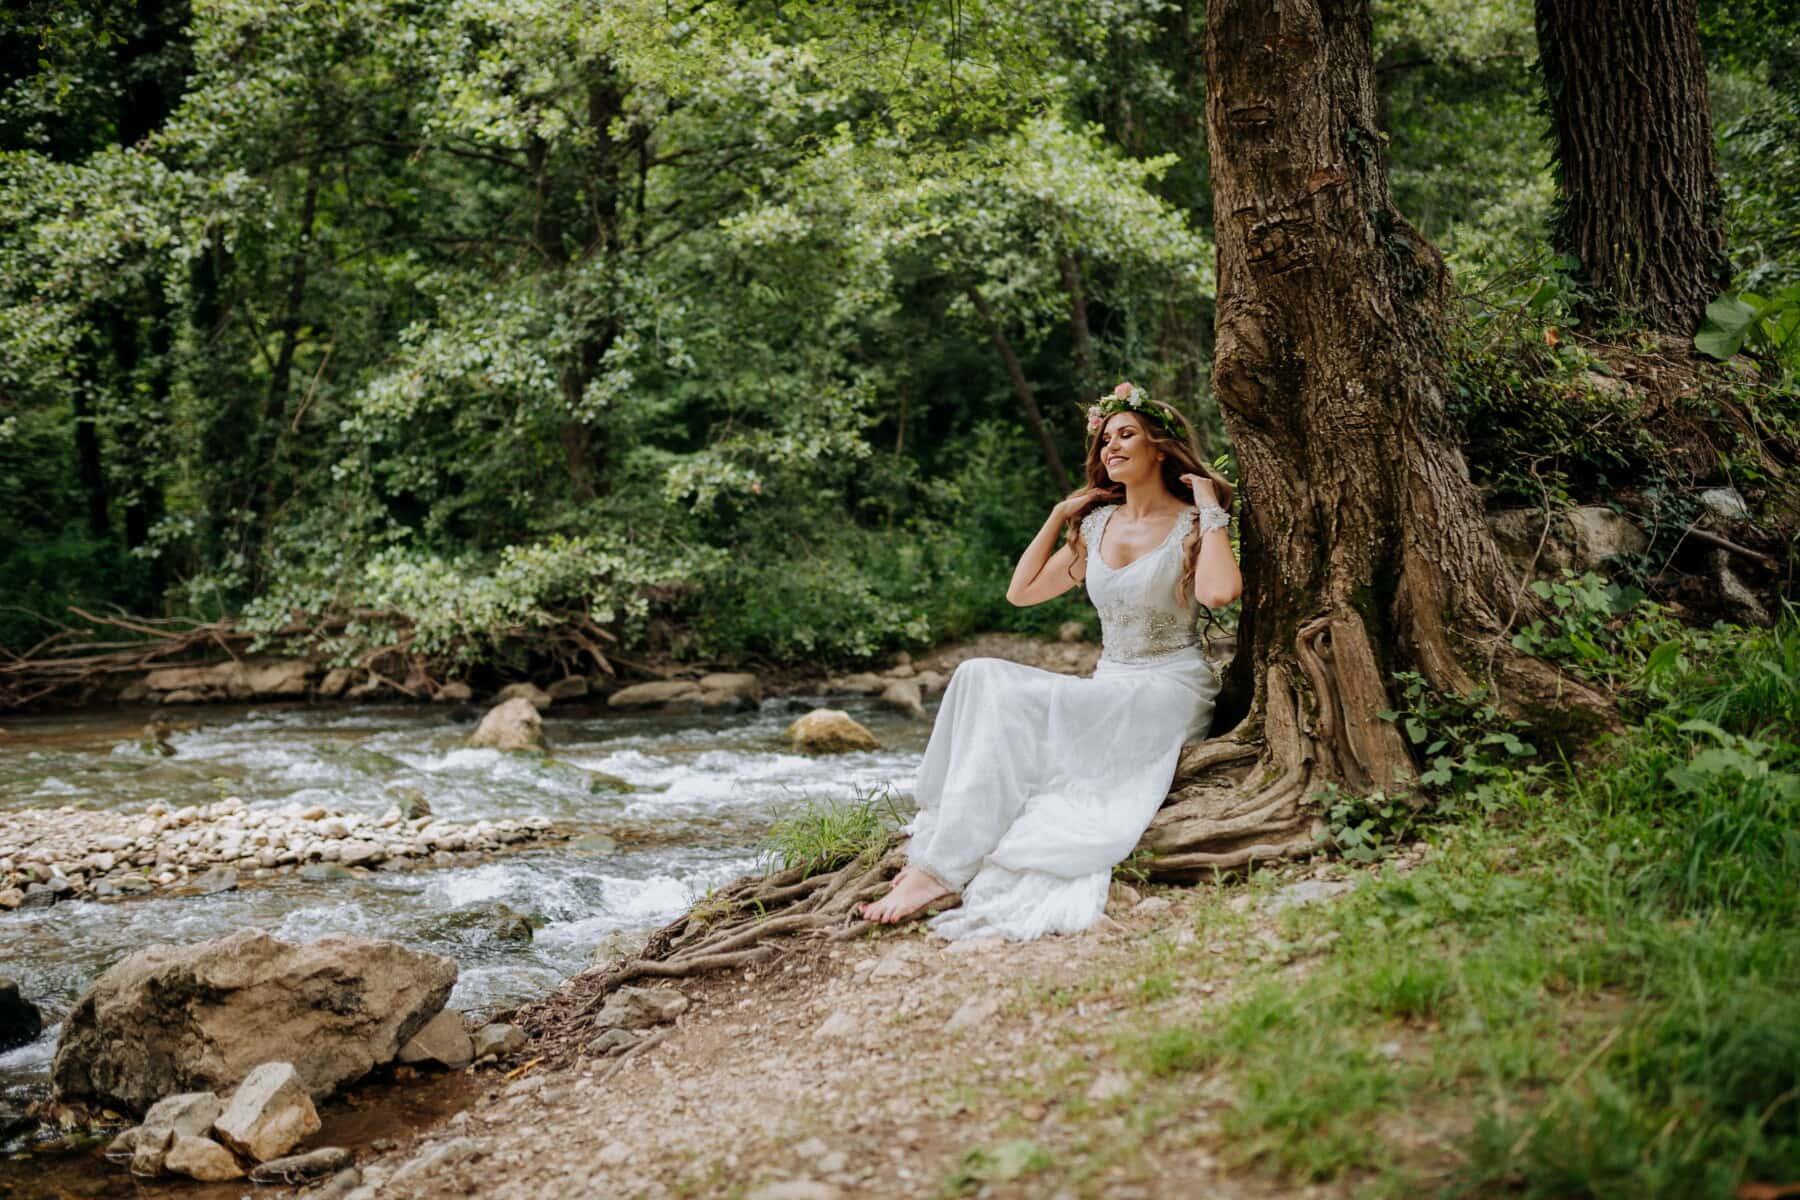 déesse, nymphe, magnifique, Jolie fille, jeune fille, bois, arbre, nature, la mariée, femme